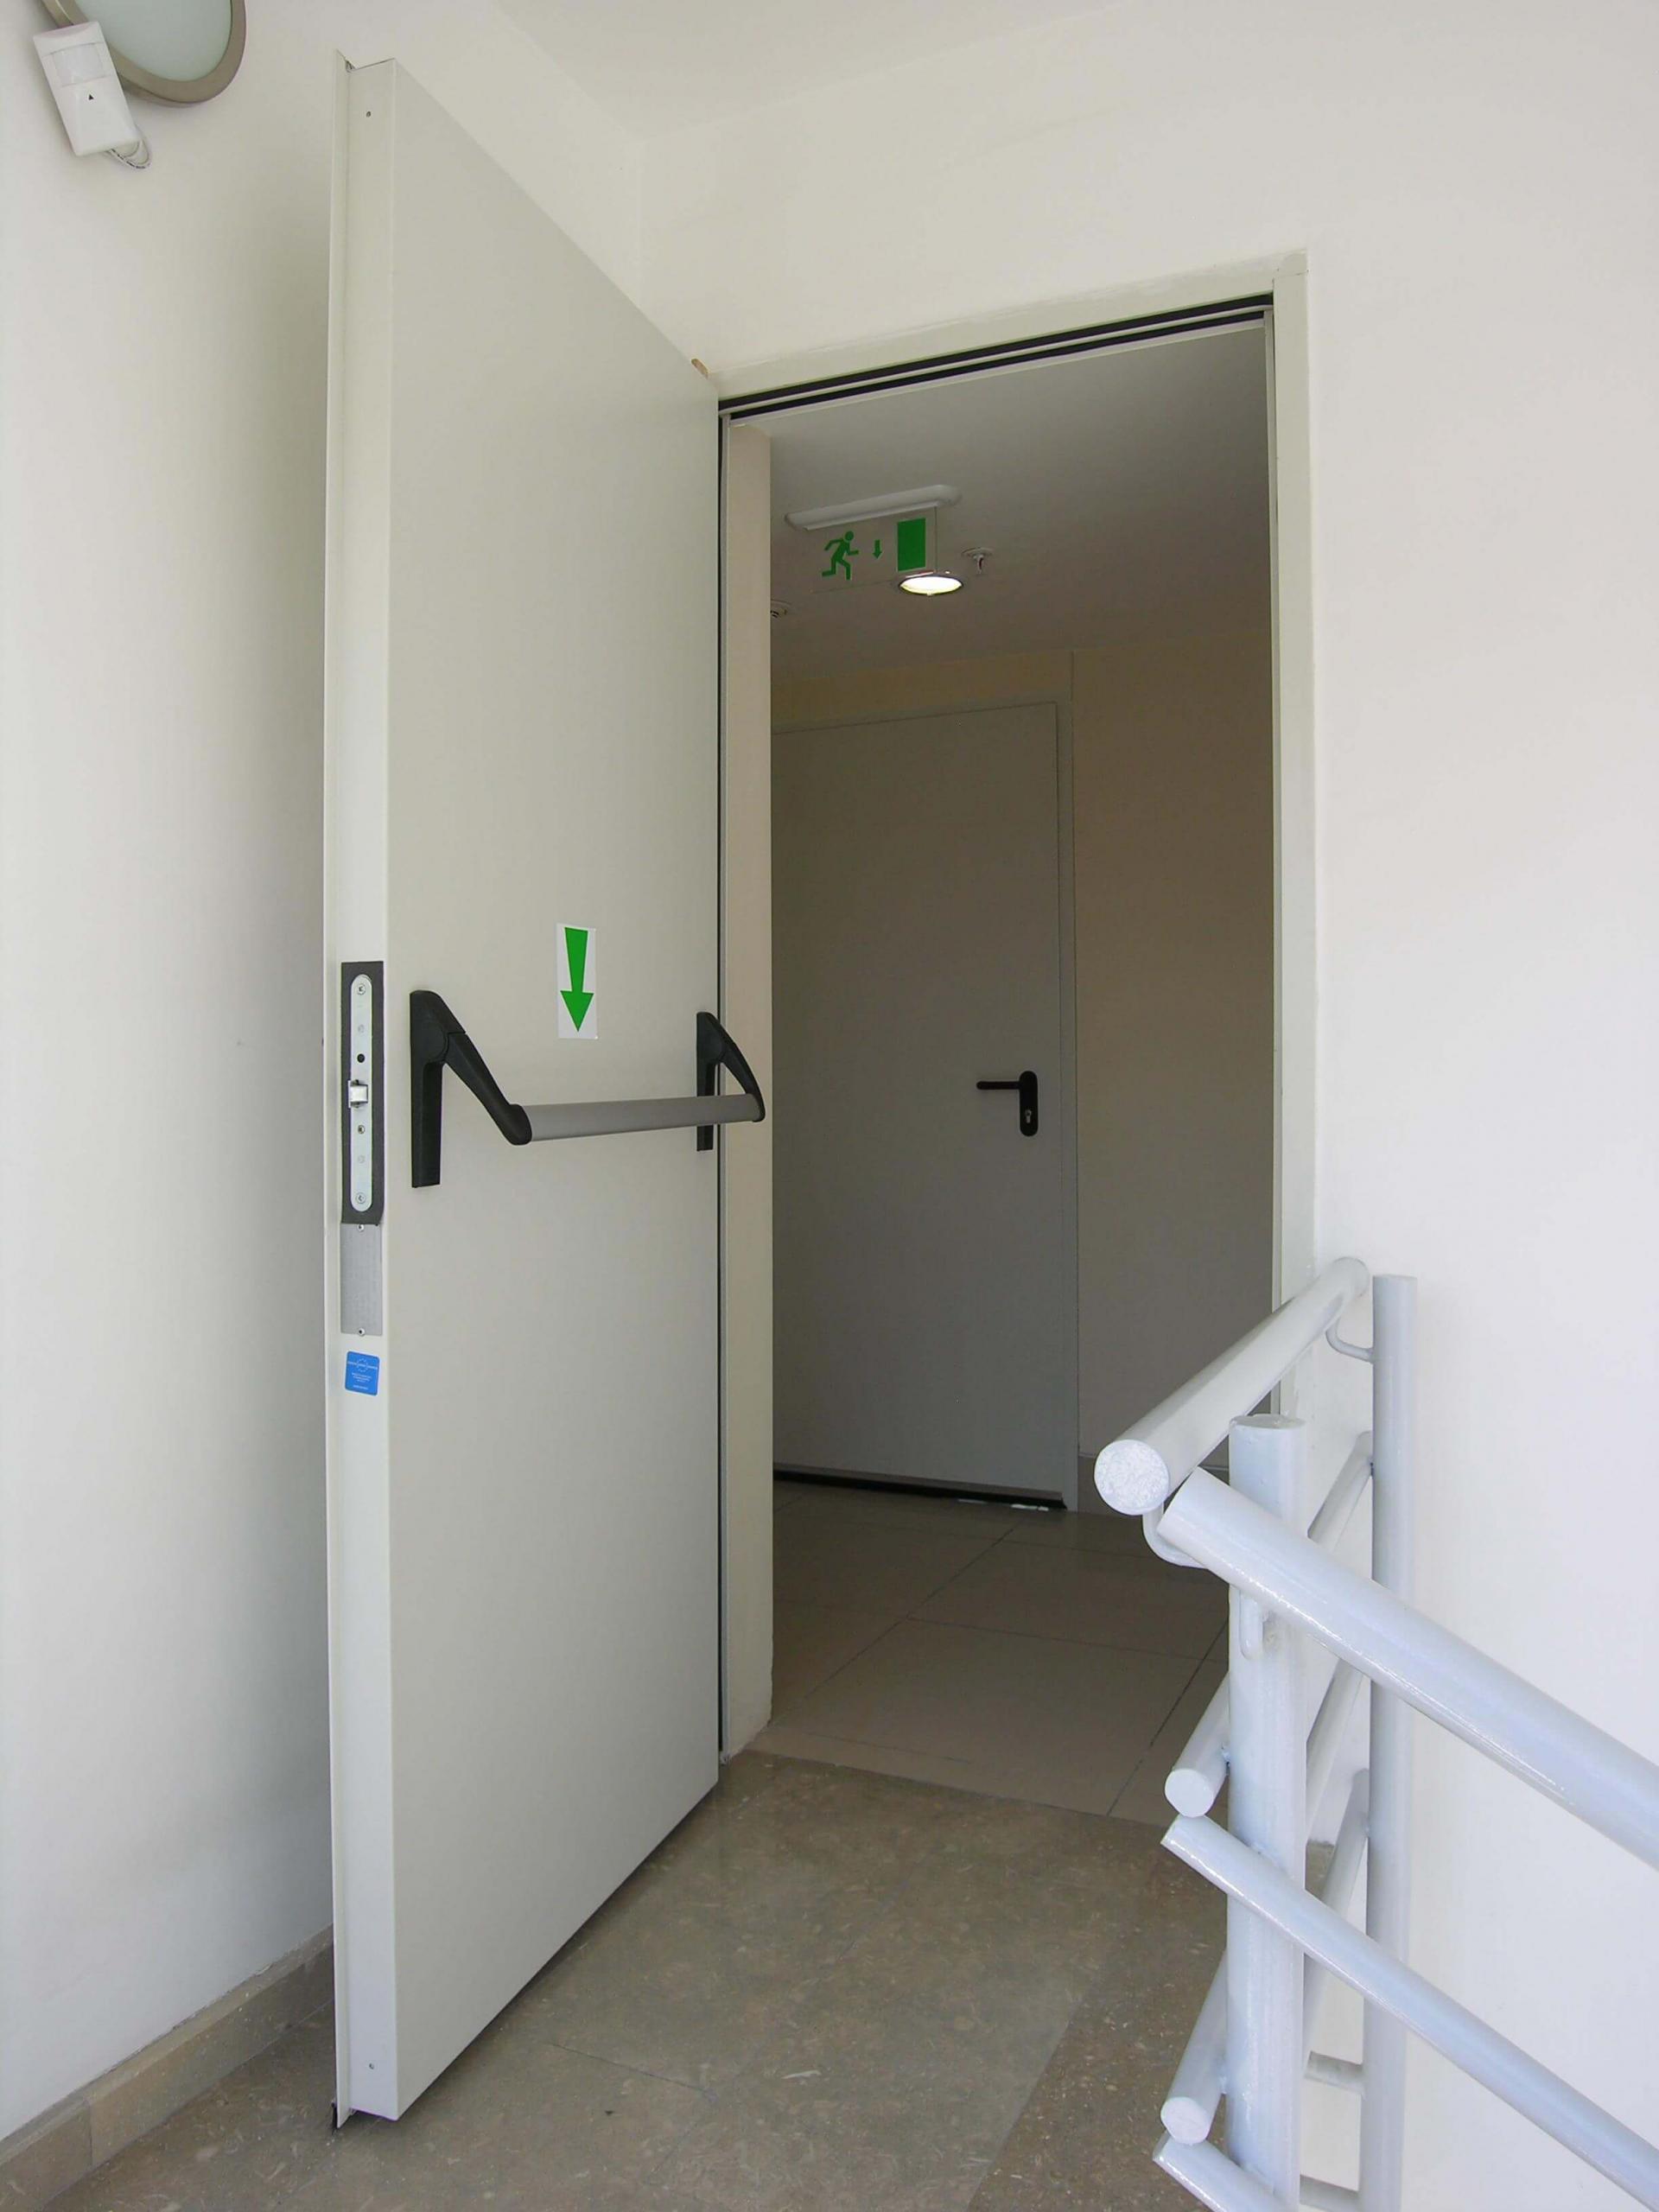 Mua cửa chống cháy thoát hiểm ở đâu giá tốt, uy tín?